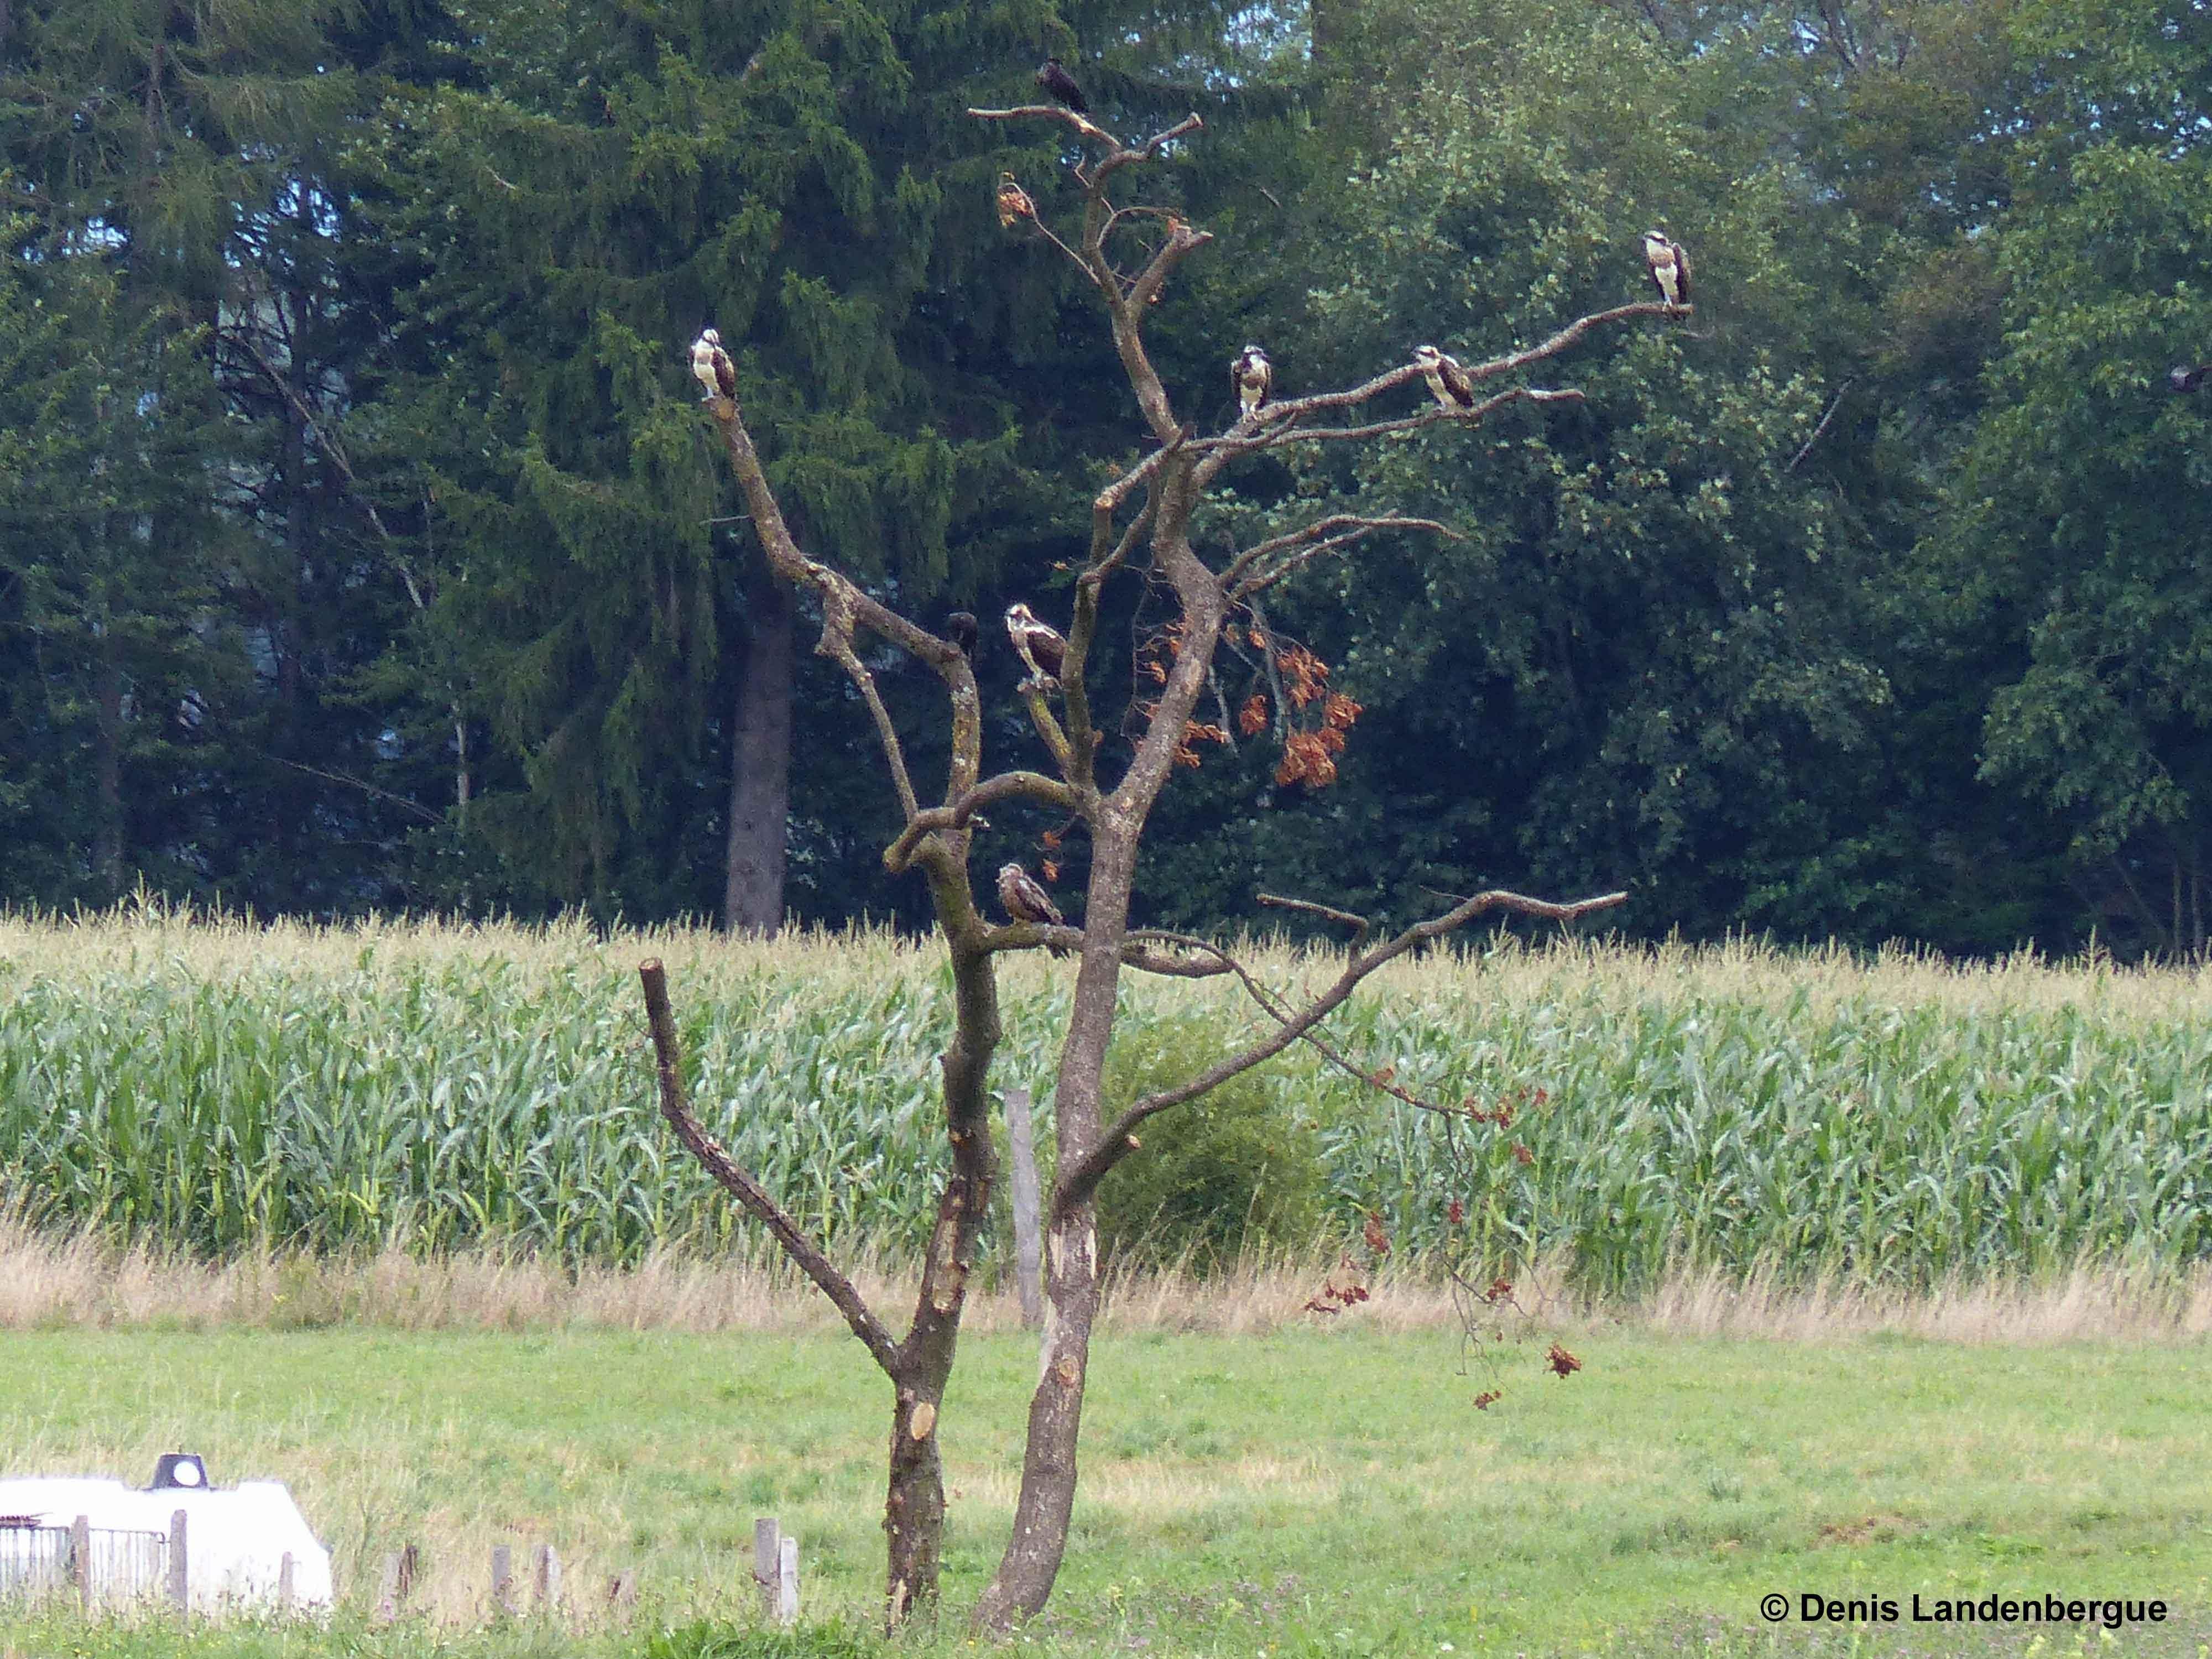 Cinq Balbuzards au site de lâcher 15 août 2015